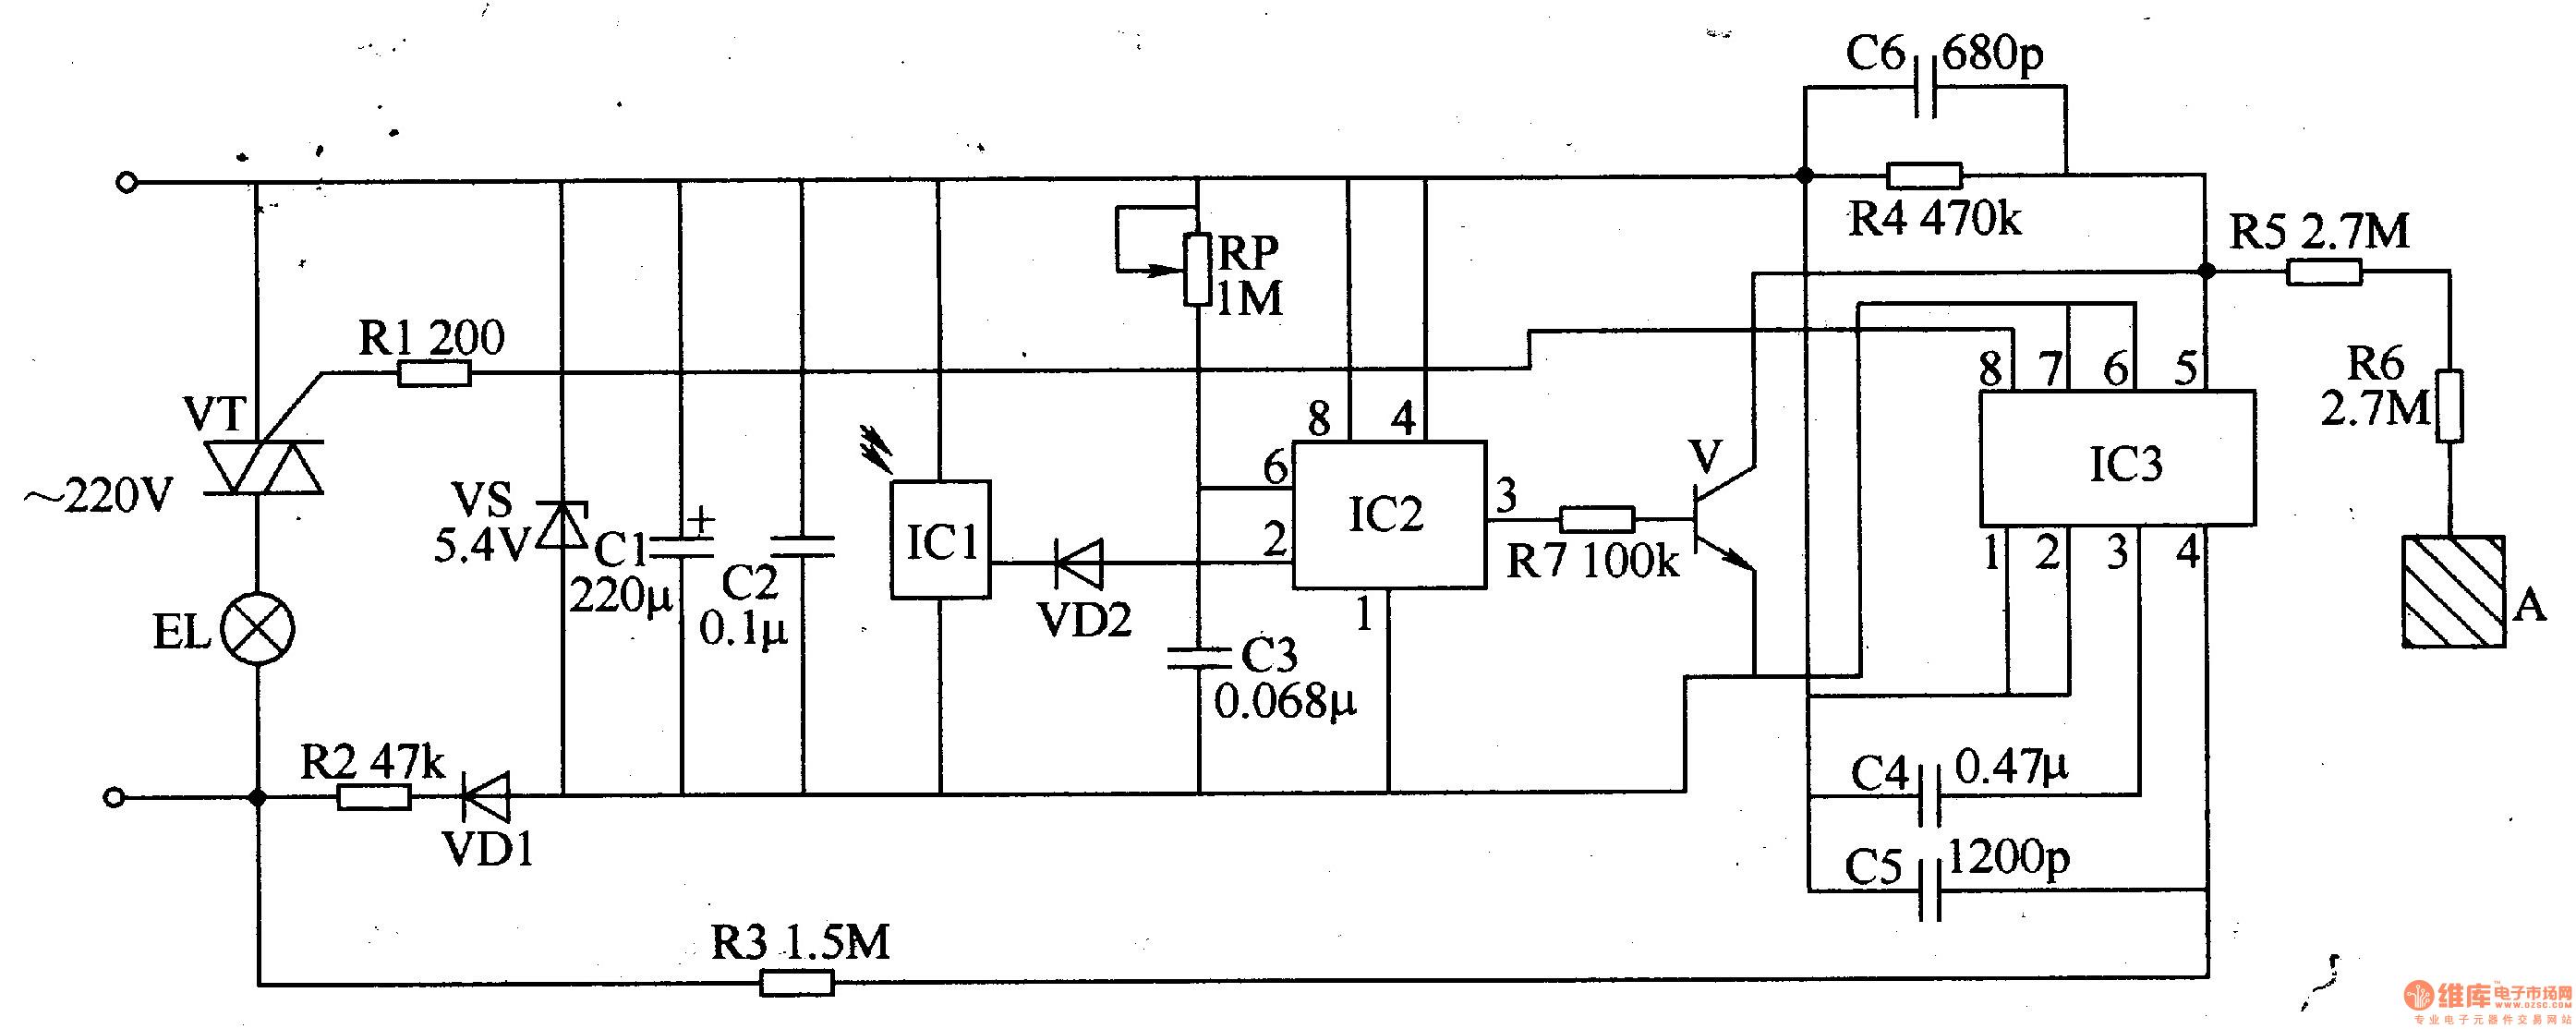 电源电路由限流/降压电阻器r2、整流二极管vdl、稳压二极管vs和滤波电容器cl、c2组成。 红外遥控电路由红外接收头icl、二极管vd2、时基集成电路ic2、晶体管v、电位器rp、电容器c3和电阻器r7组成。 触摸控制电路由触摸调光集成电路lc3、电阻器r4-r6、电容器c4-c6和触摸电极片a组成。 控制执行电路由ic3内电路、电阻器rl和晶闸管vt组成。 交流220v电压经r2限流降压、vdl整流、vs稳压及cl、c2滤波后,为icl-ic3提供5v左右的直流电压 (vcc)。 按动一下遥控器按键